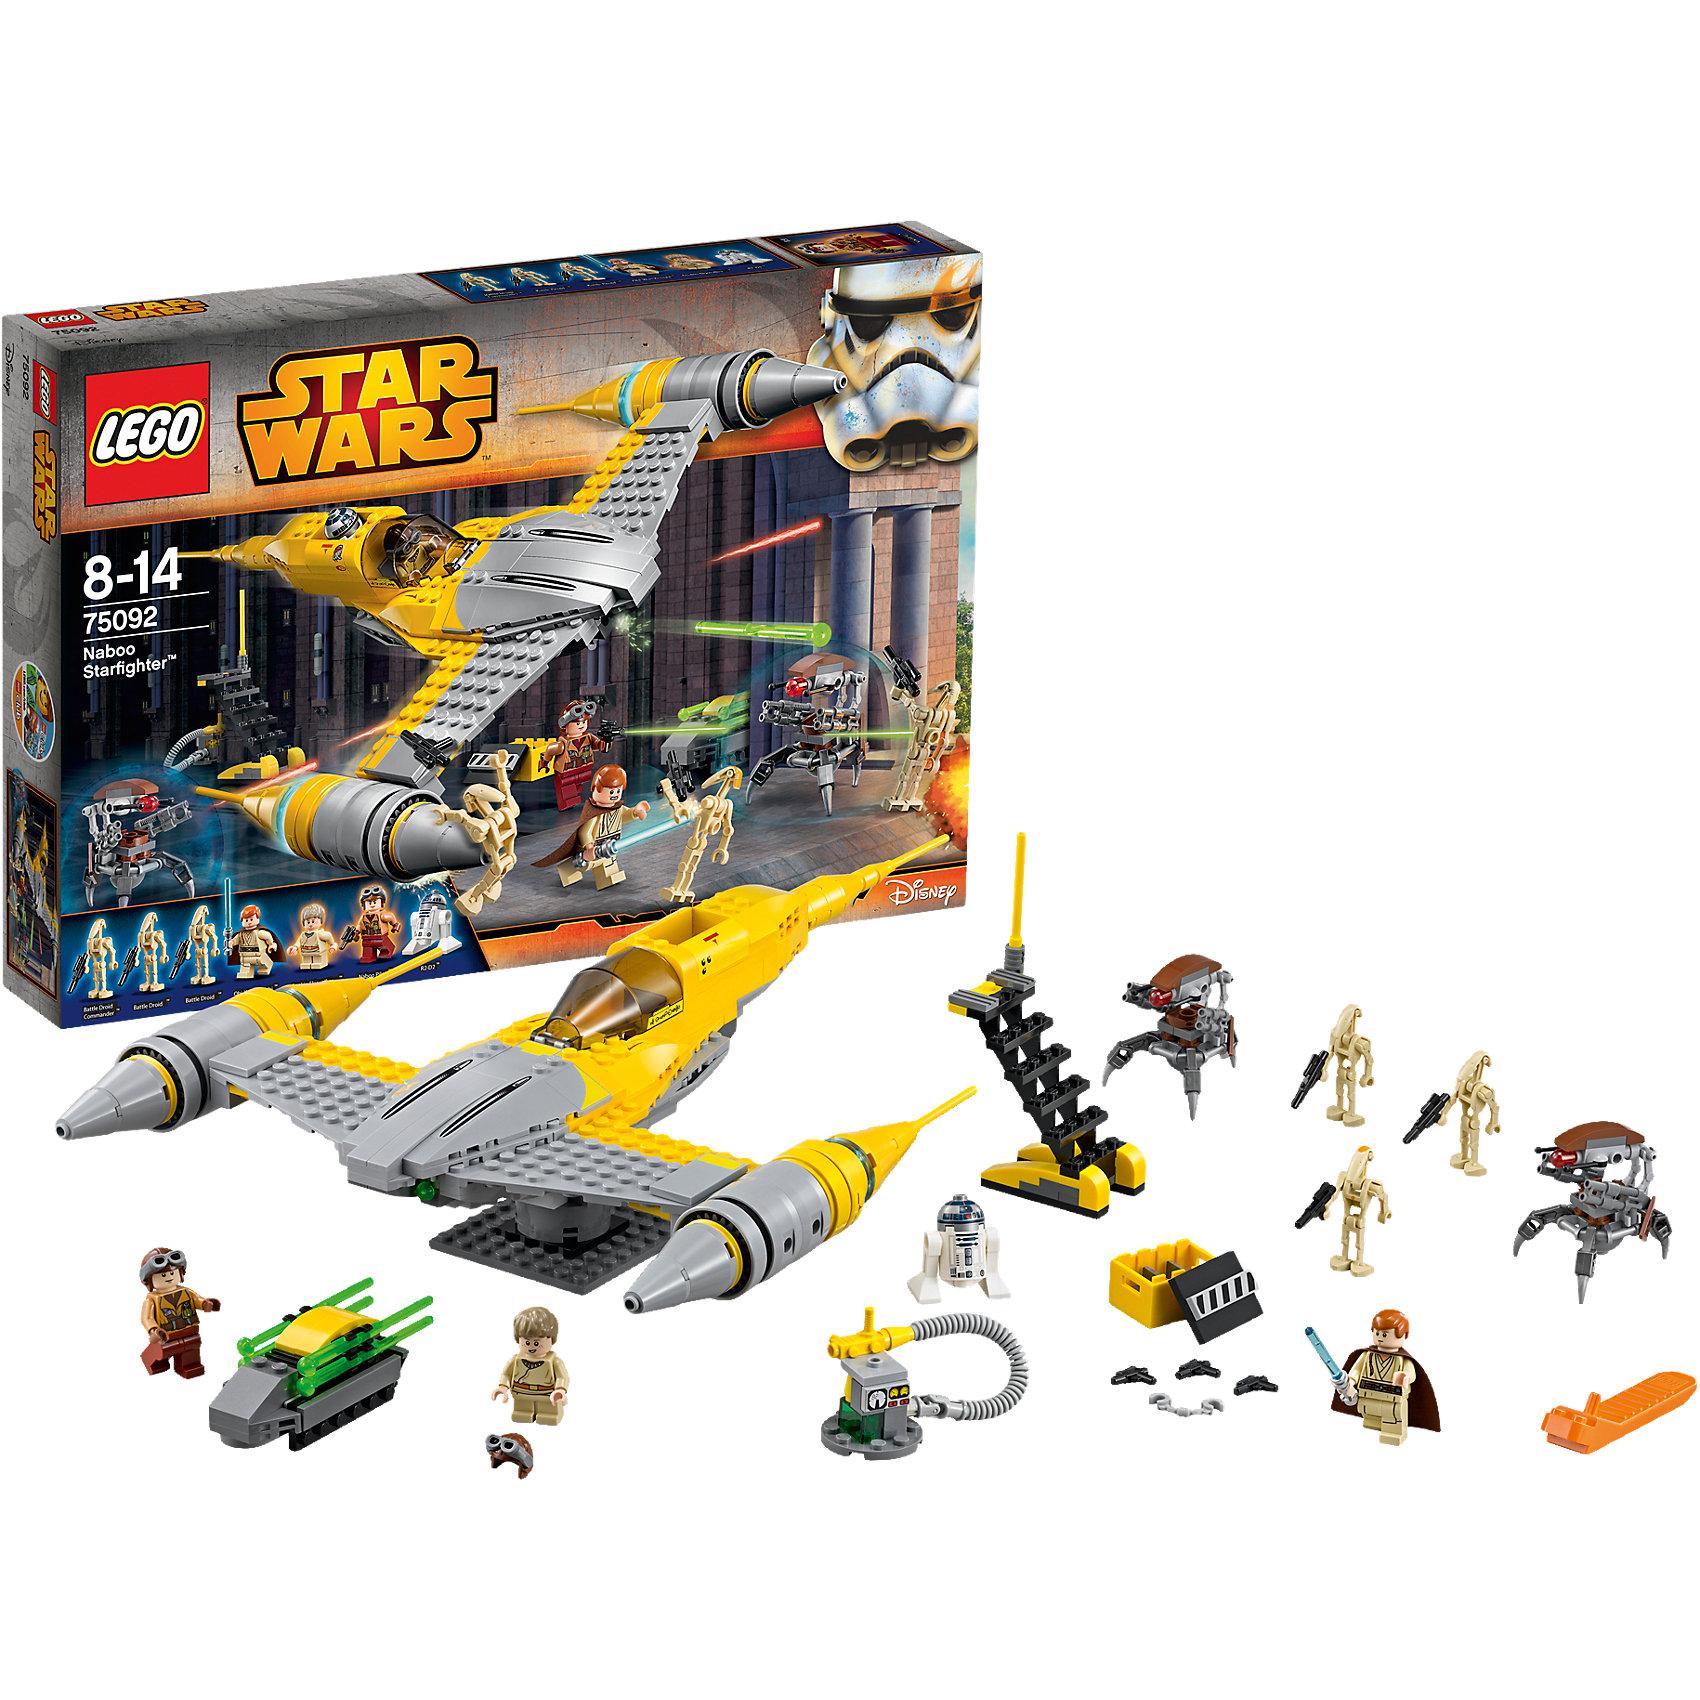 lego lego star wars 75150 лего звездные войны усовершенствованный истребитель сид дарта вейдера LEGO LEGO Star Wars 75092: Истребитель Набу™ (Naboo Starfighter™)